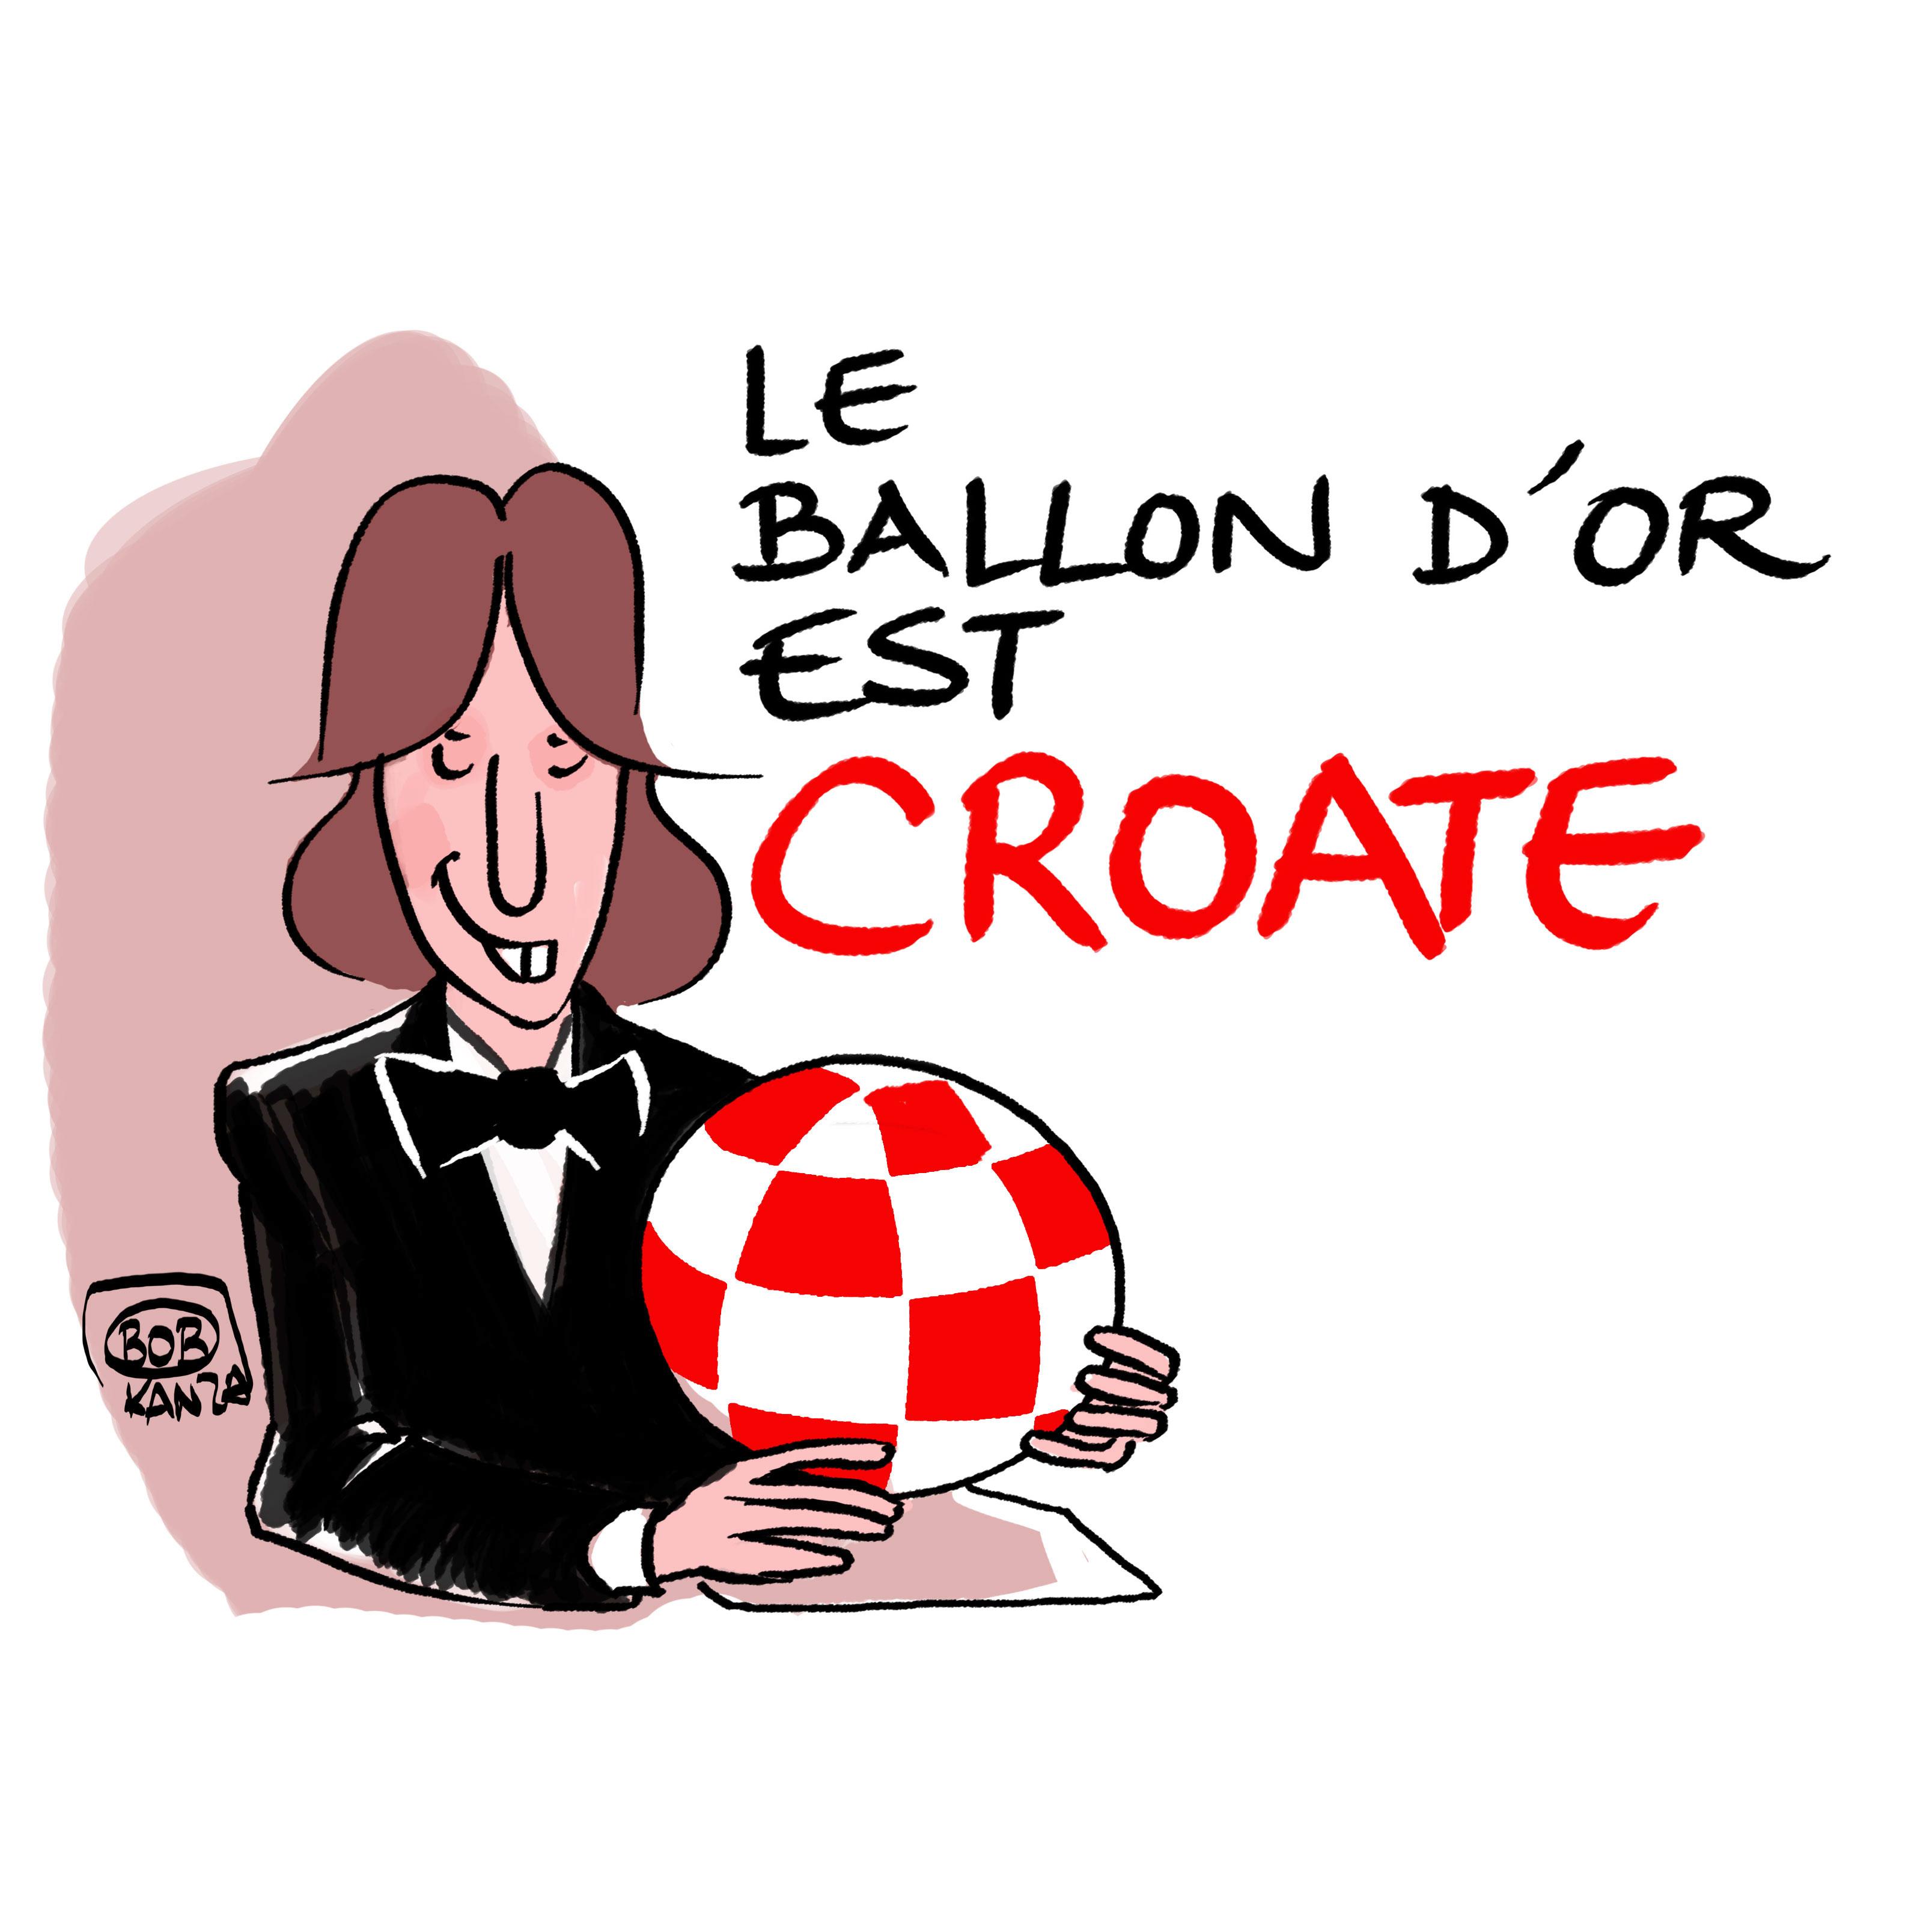 modric Ballon d'or 2018